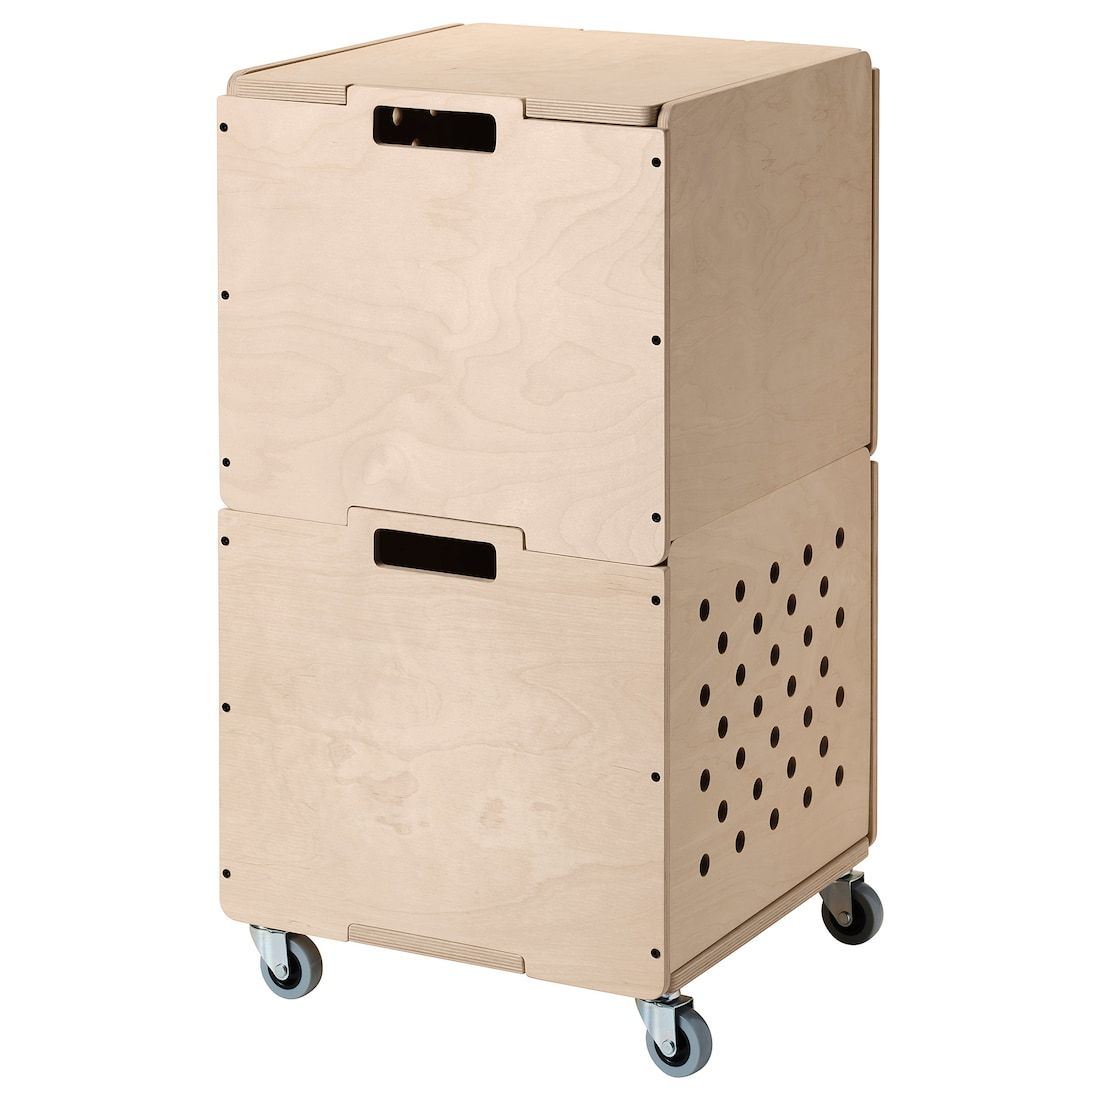 Ombyte Forvaring Pa Hjul Ikea Storage Storage Boxes Ikea